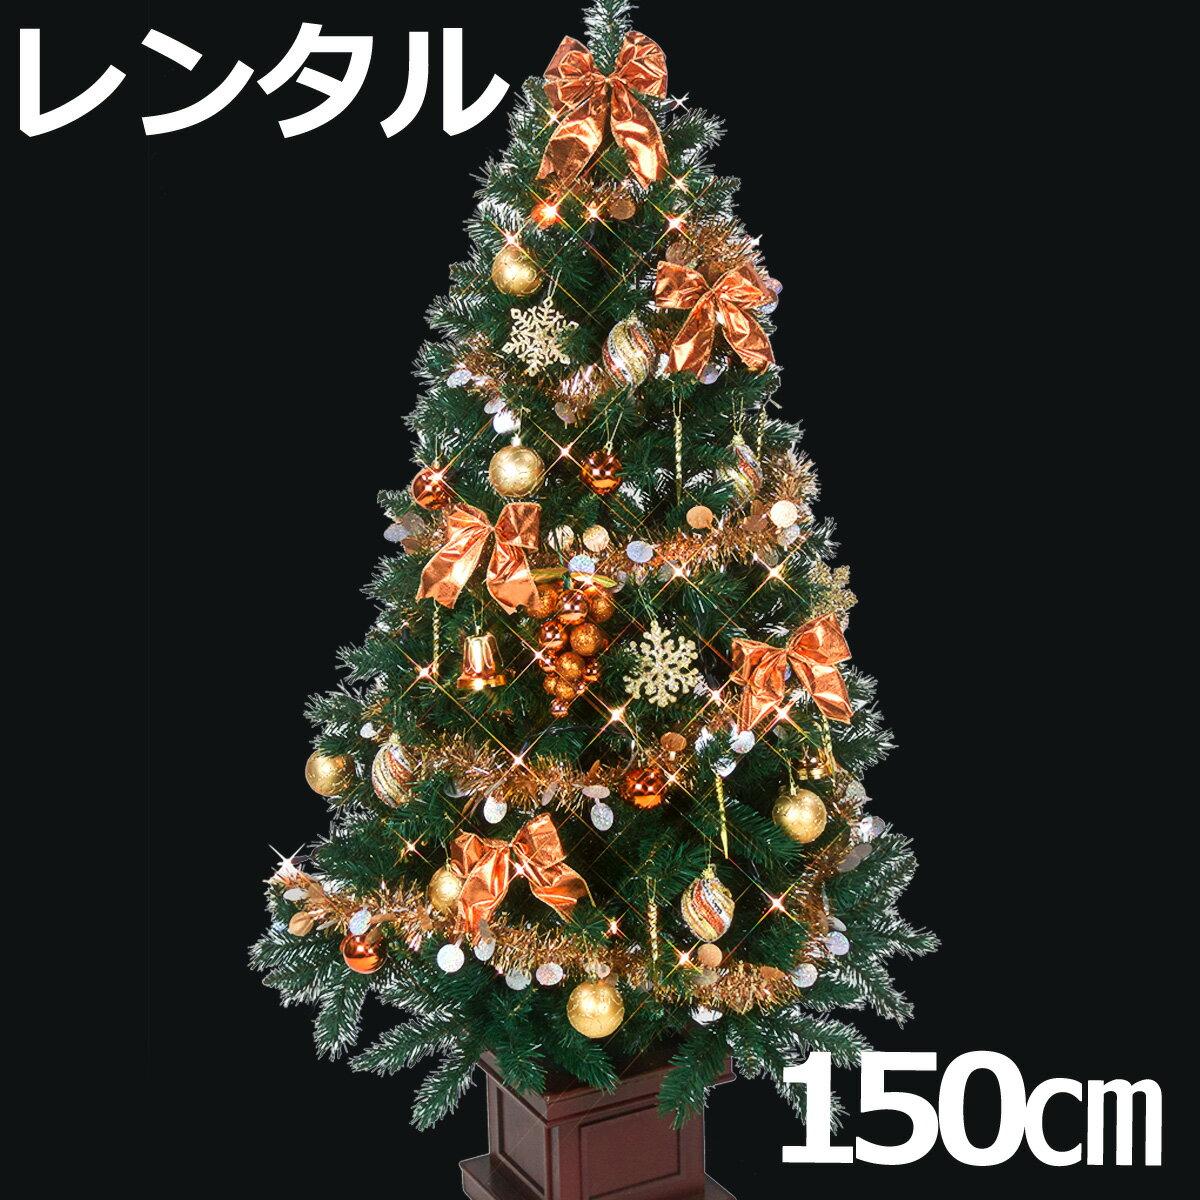 【レンタル】 クリスマスツリー セット 150cm 木製ポット付 コパー&ゴールド 【往復 送料無料】 クリスマスツリー レンタル fy16REN07